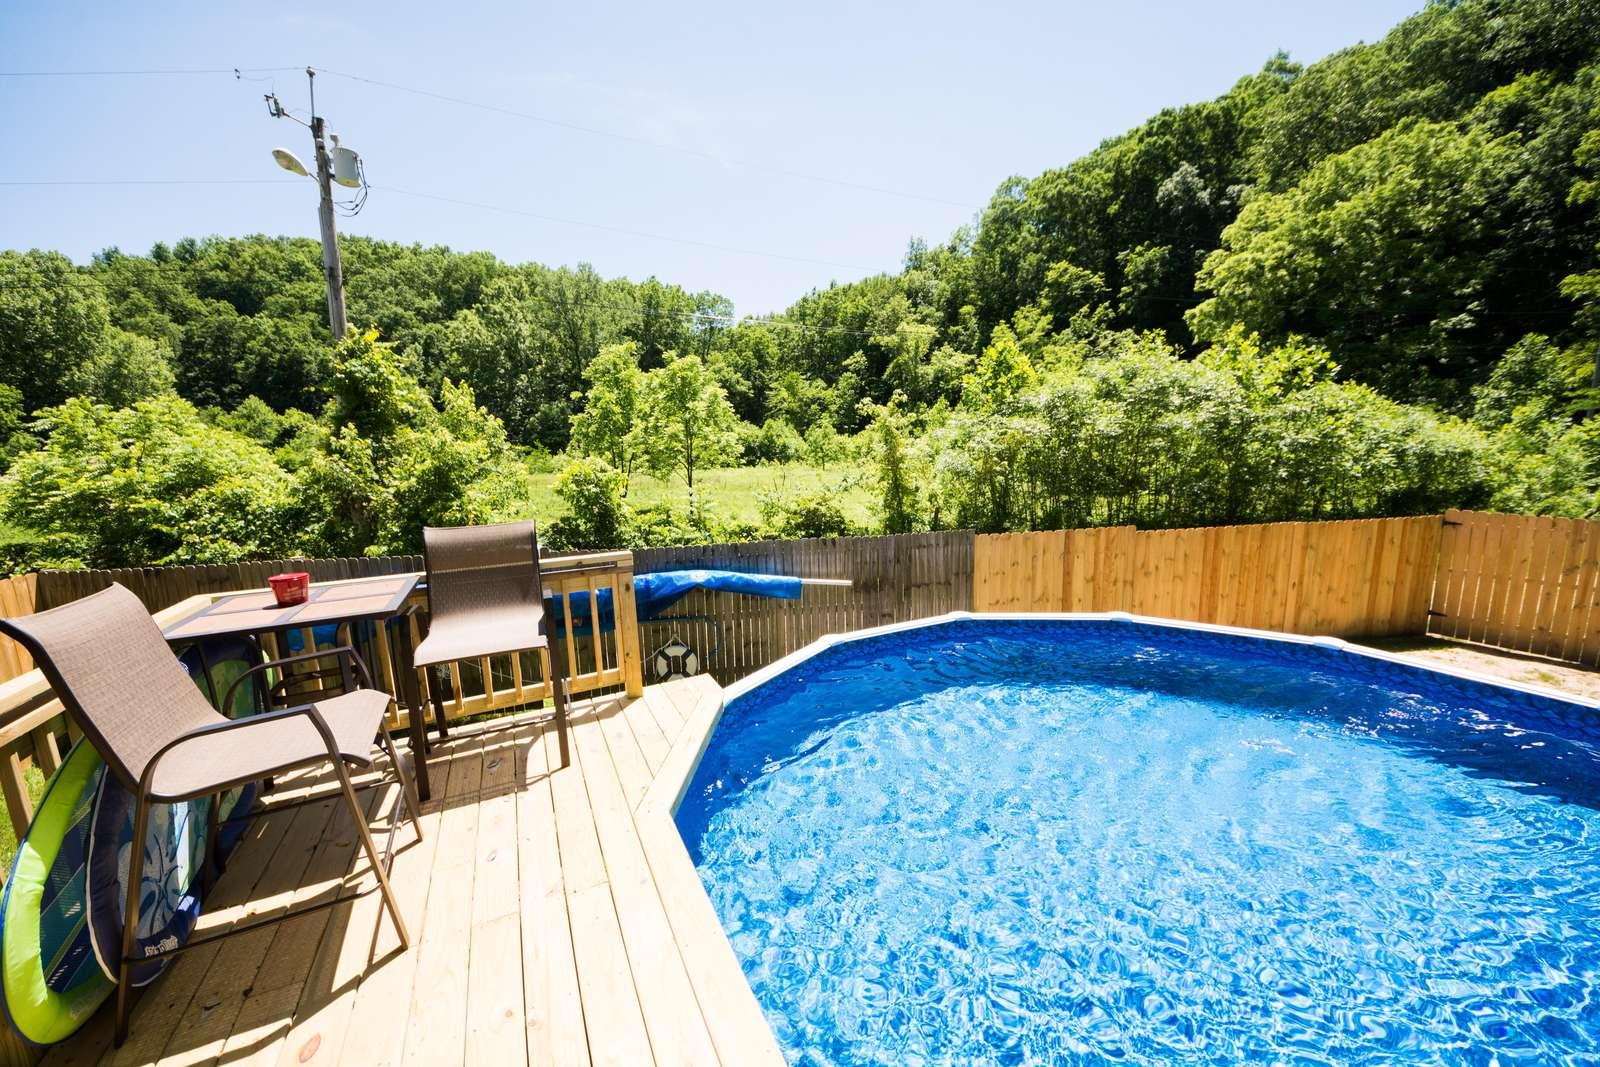 Pool open June, July, August